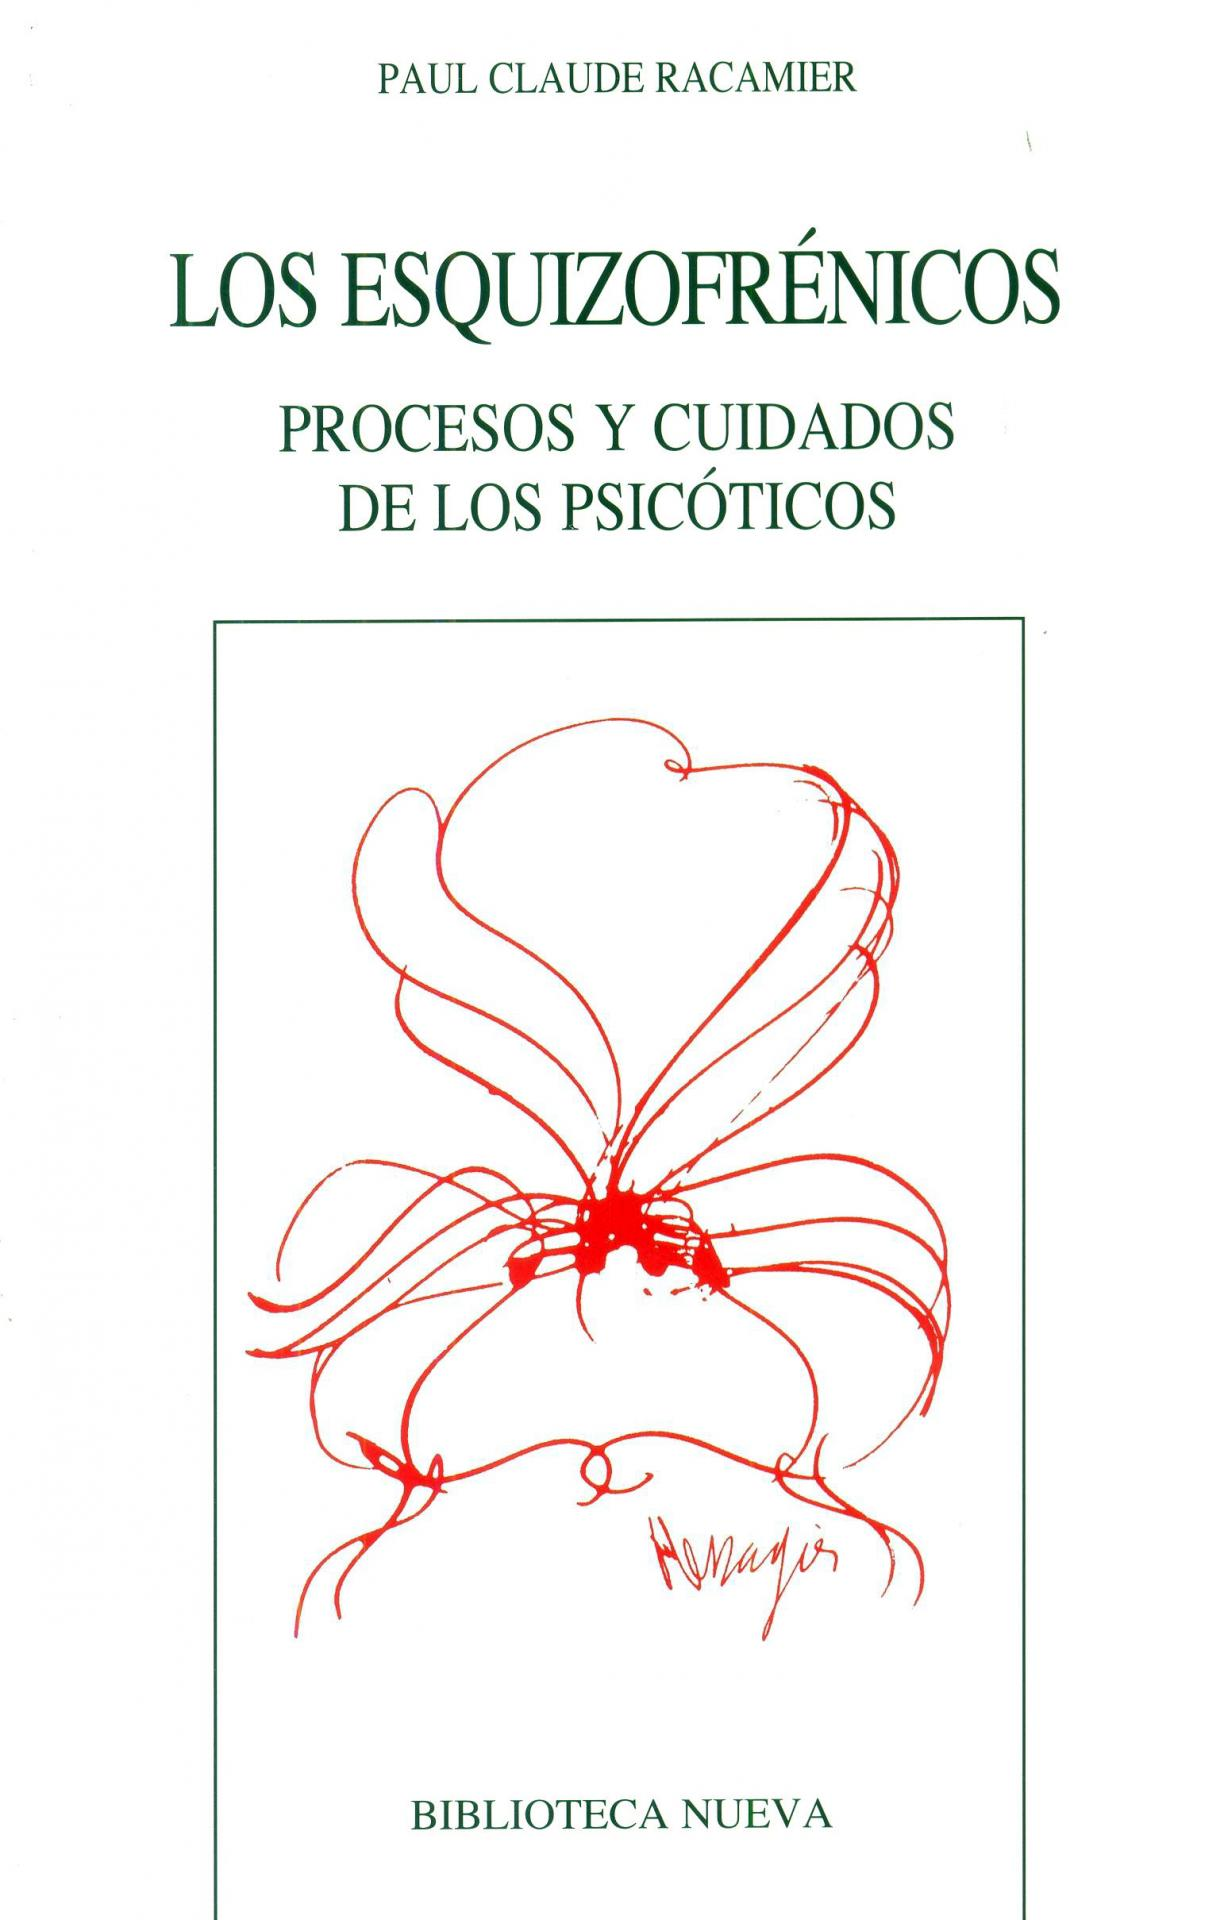 LOS ESQUIZOFRÉNICOS. Procesos y cuidados de los psicóticos. Claude, P.